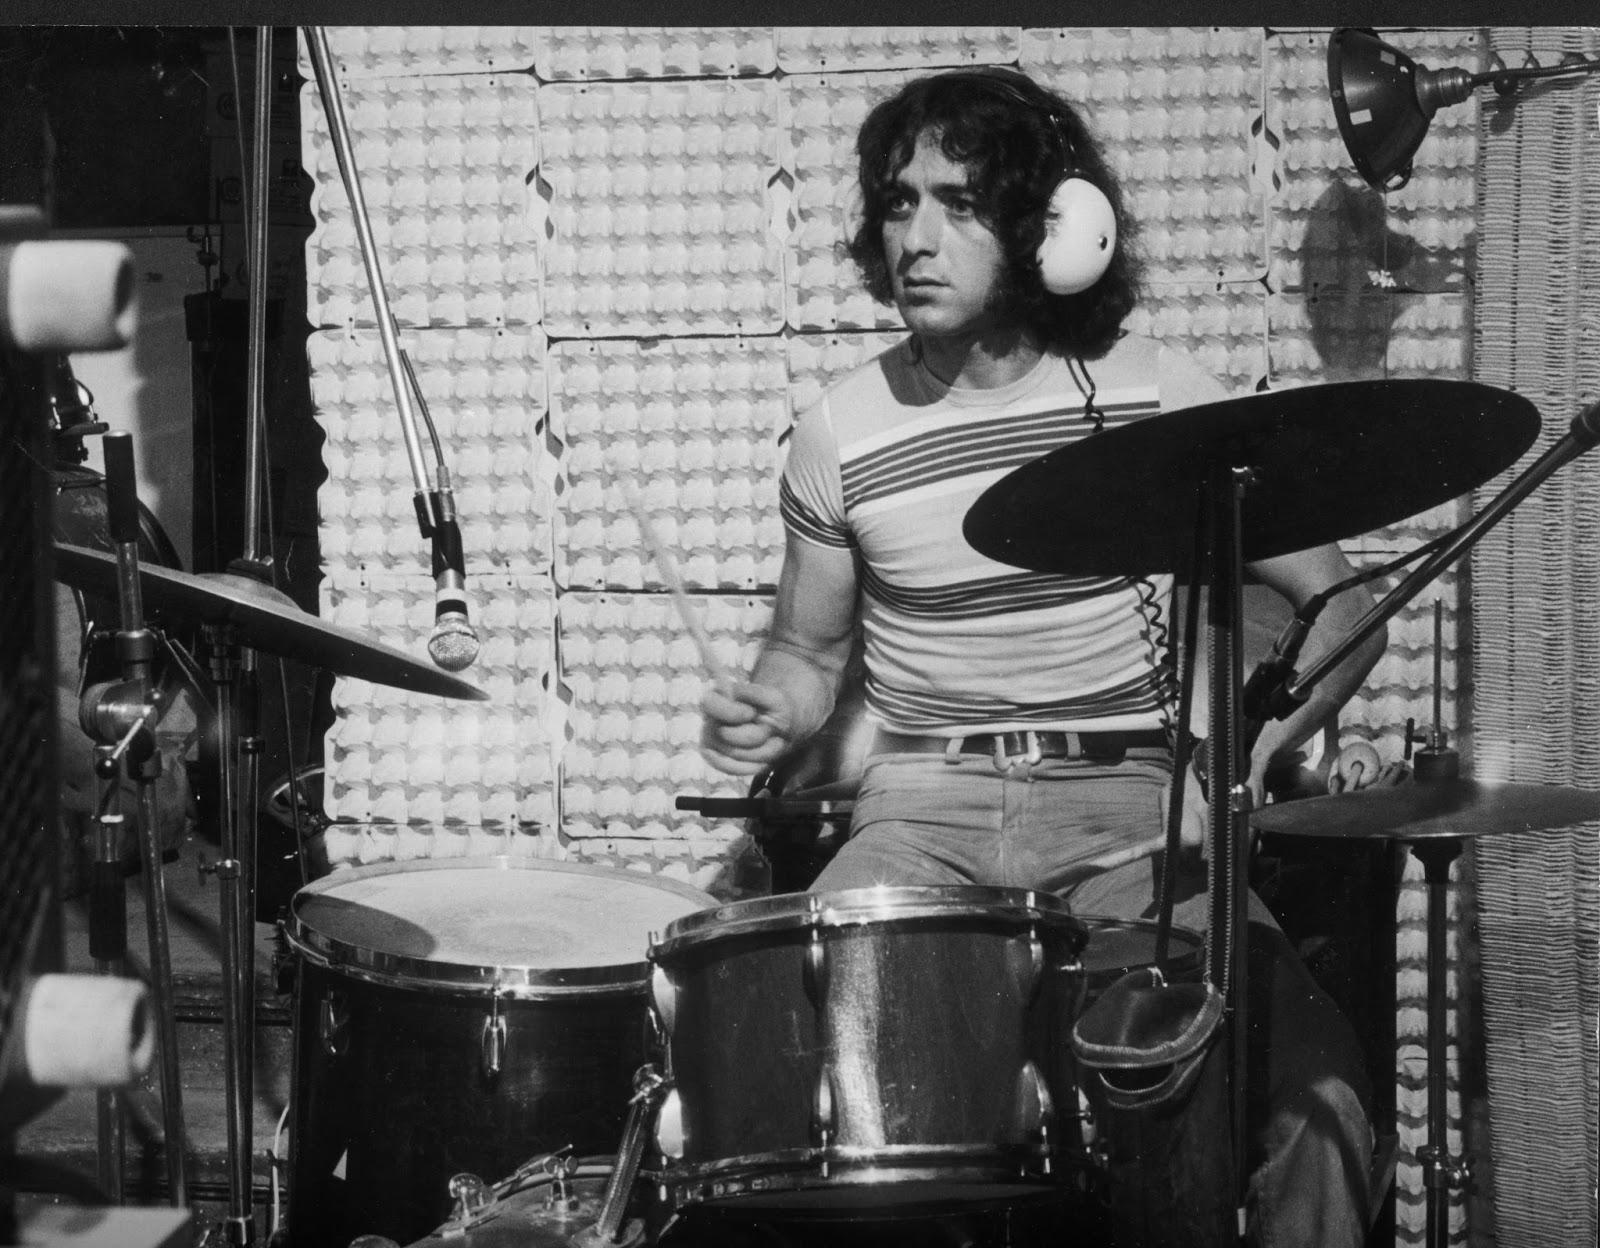 Half man, half machine - drummer JakiLiebezeit